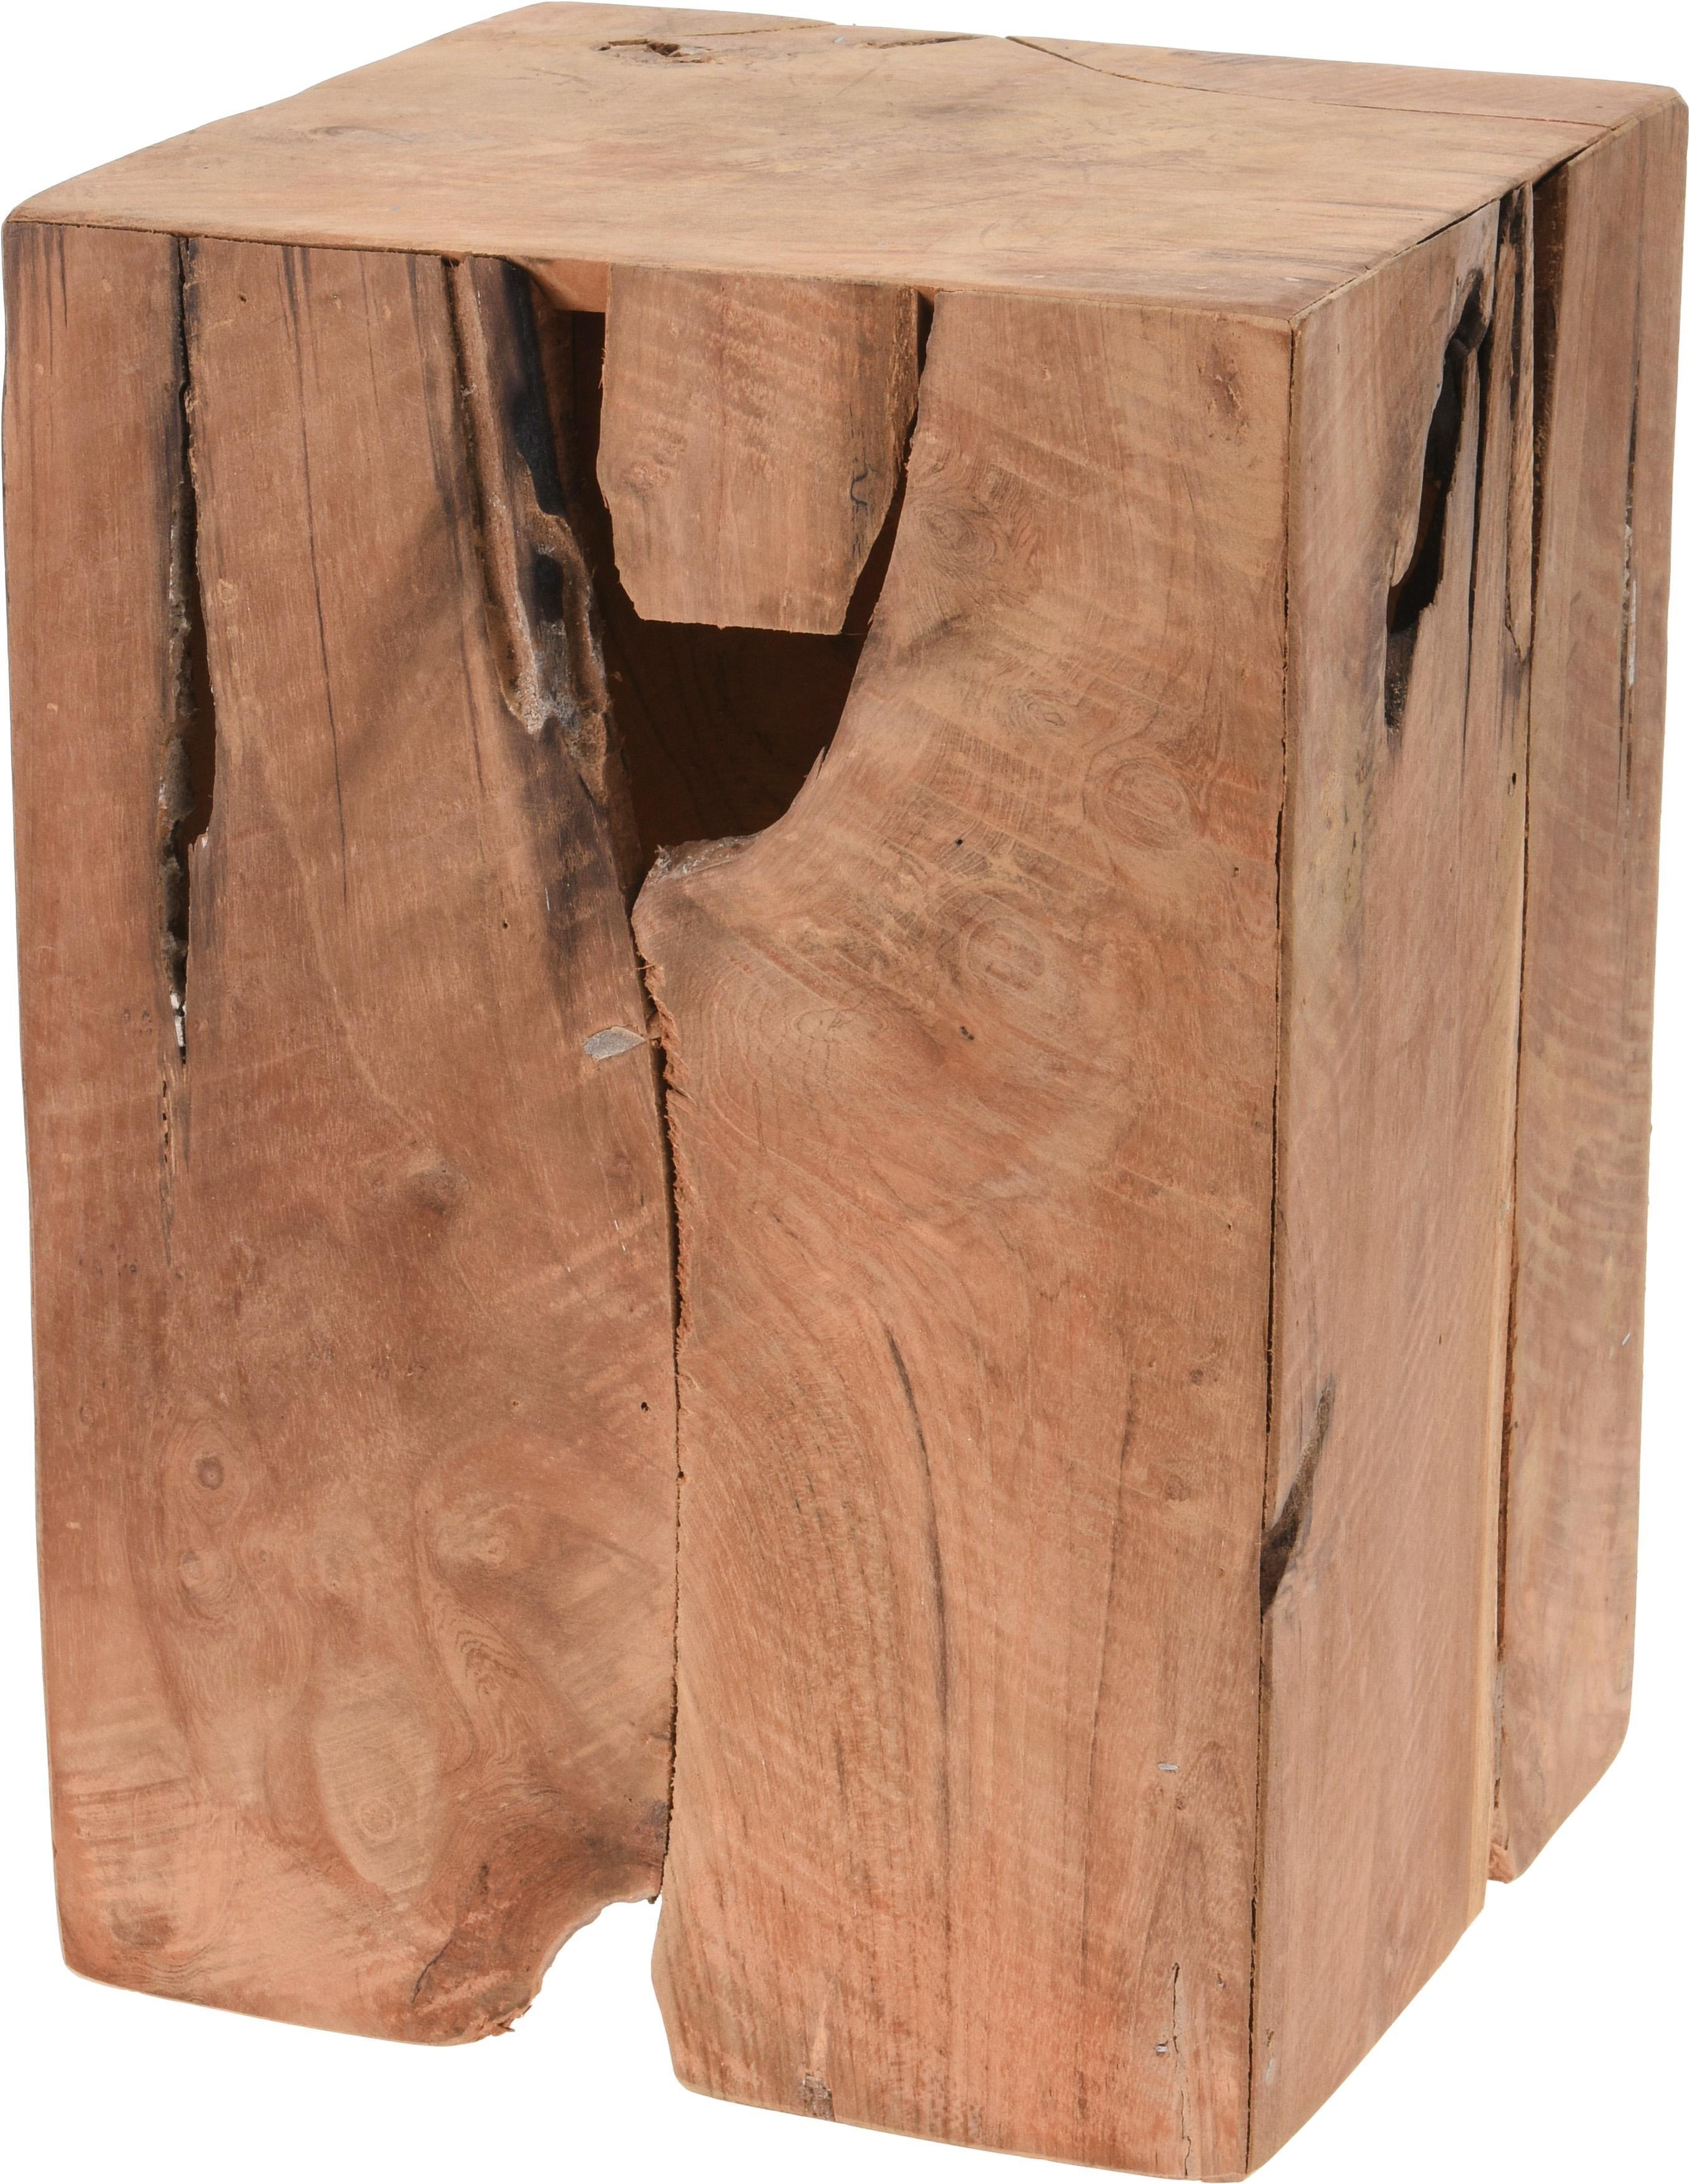 Stolik Knut drewno tekowe - zdjęcie nr 0